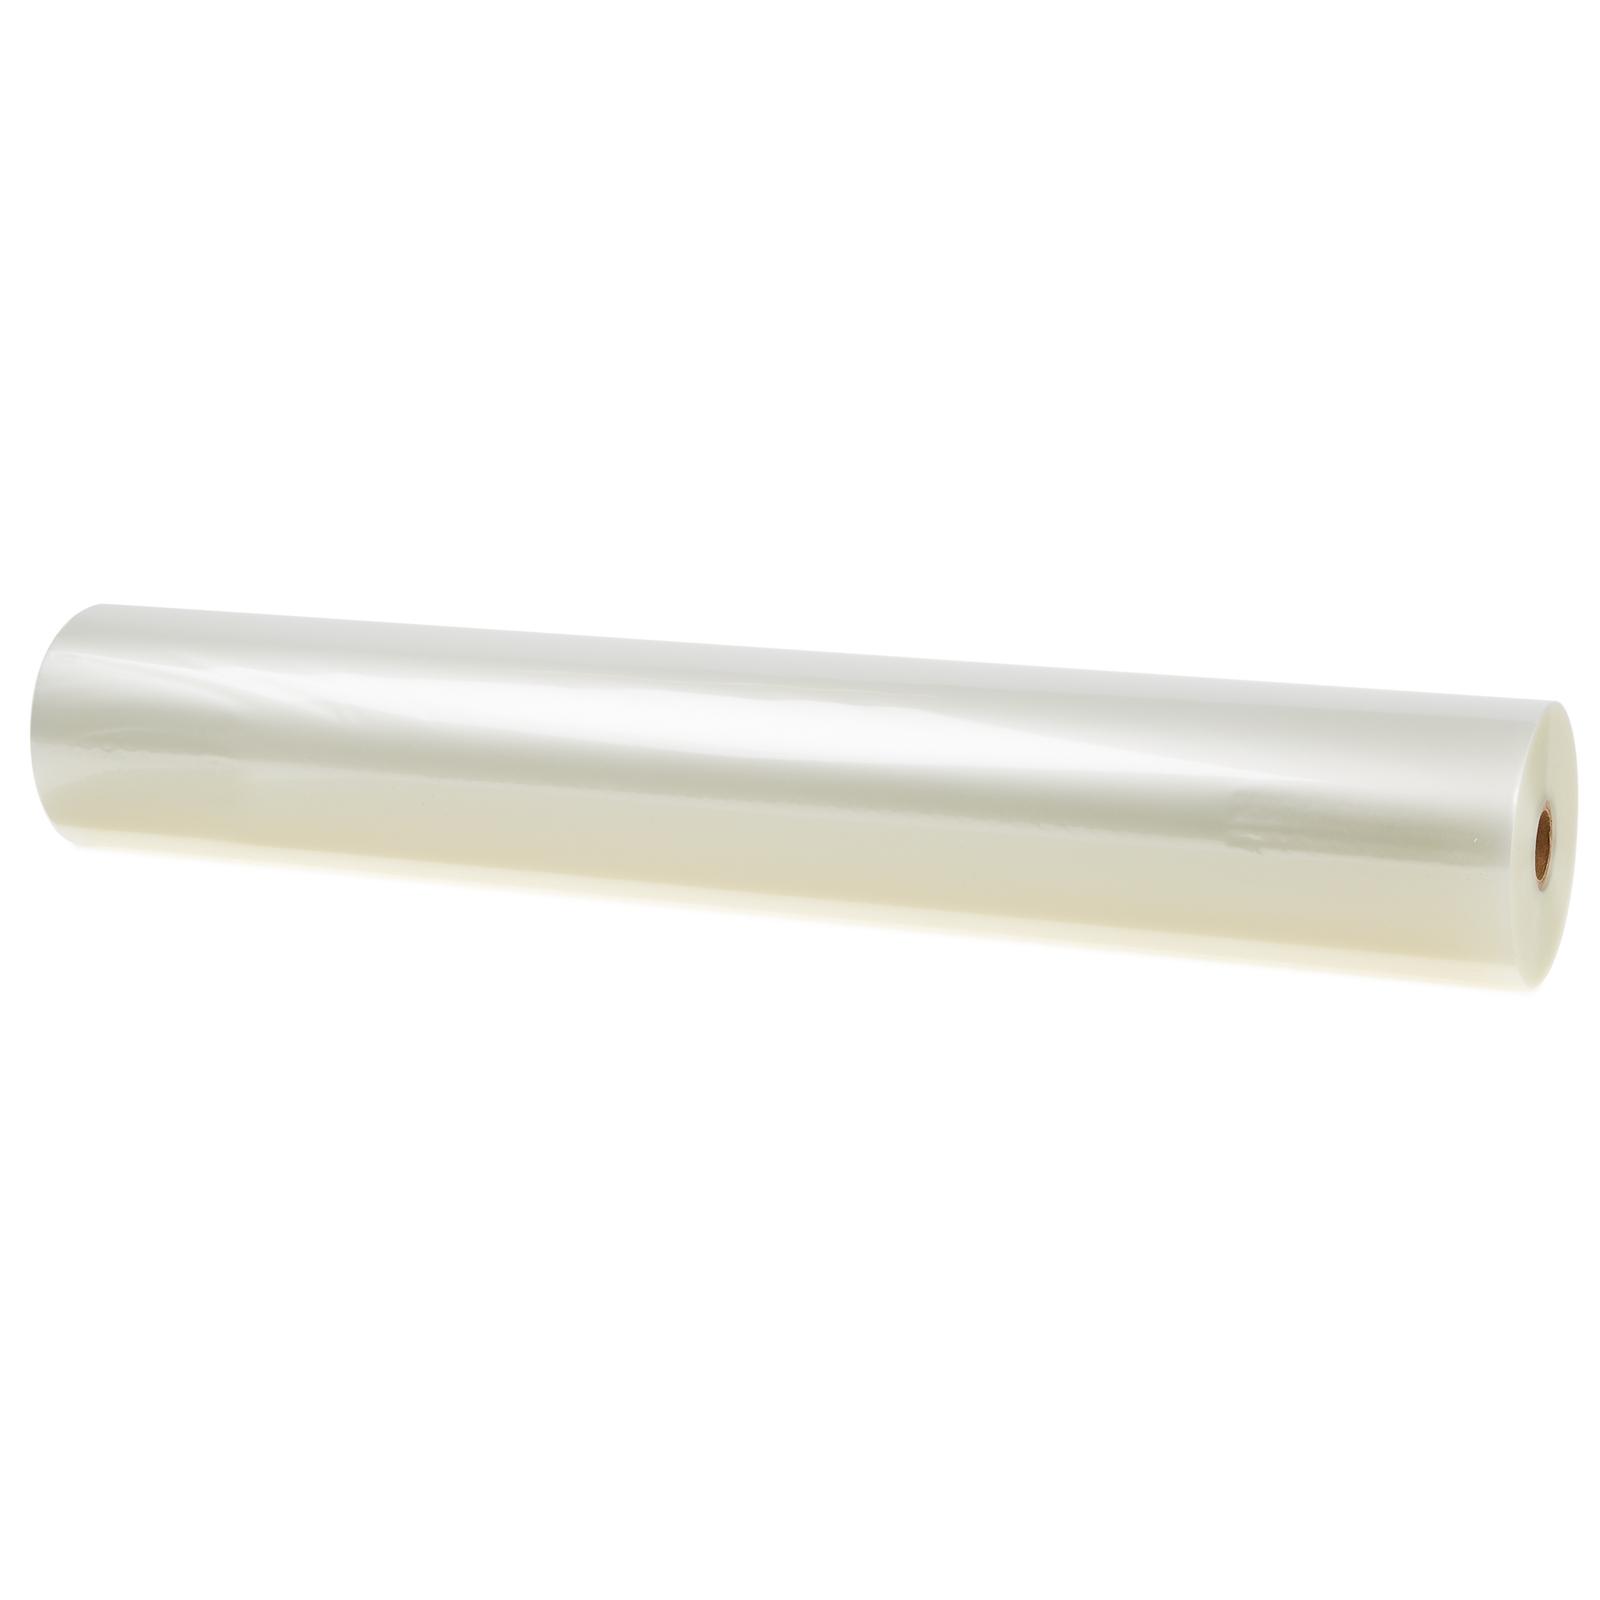 Roll Laminating Film (25mm Core) - W320 x L10000mm